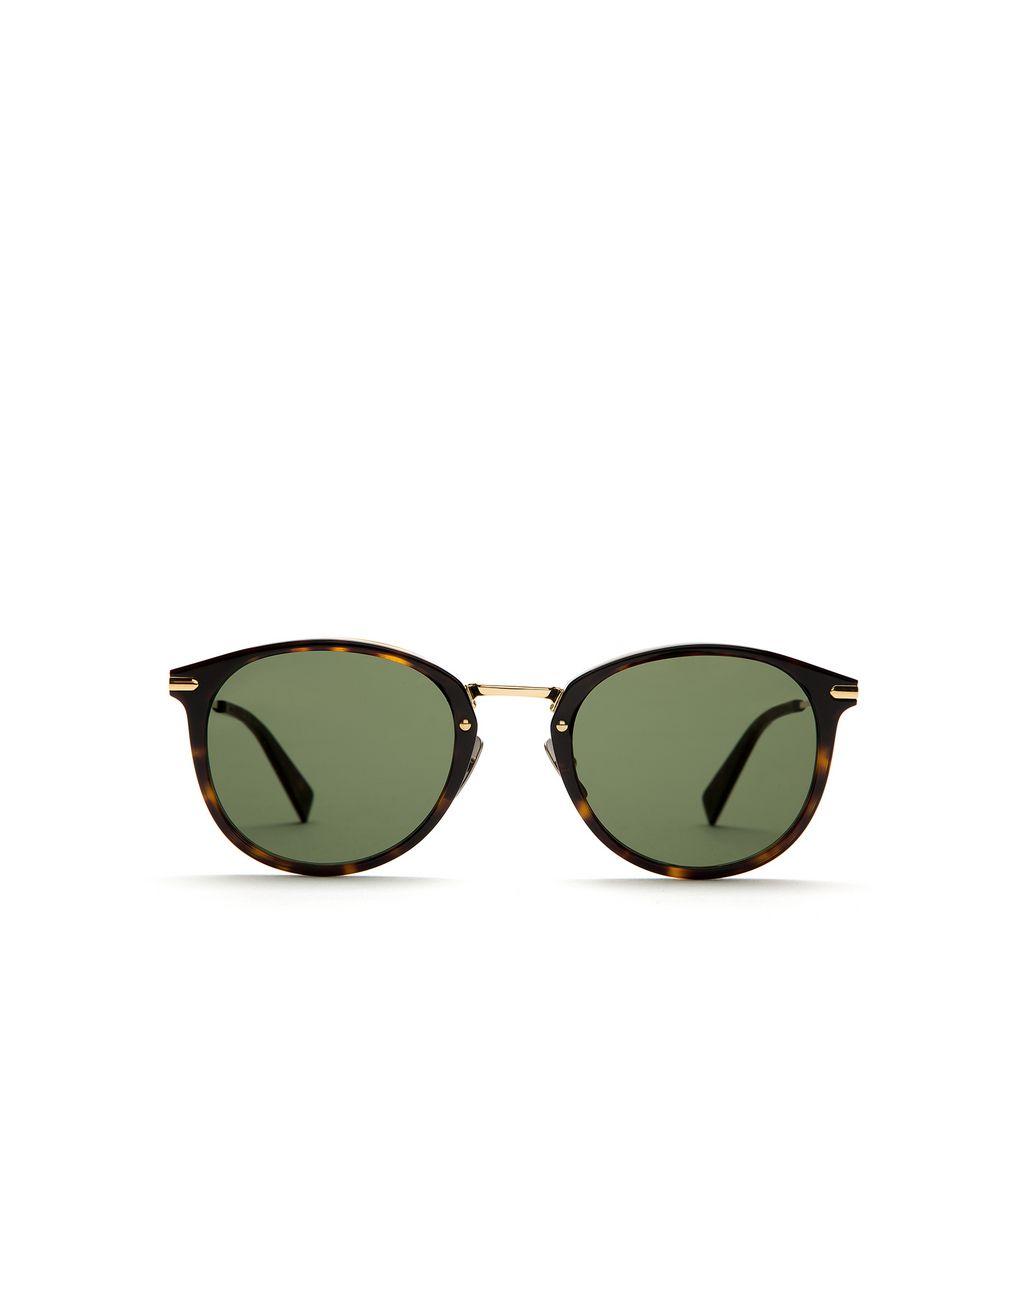 BRIONI Occhiali da Sole Avana con Lenti Verdi Occhiali da Sole Uomo f